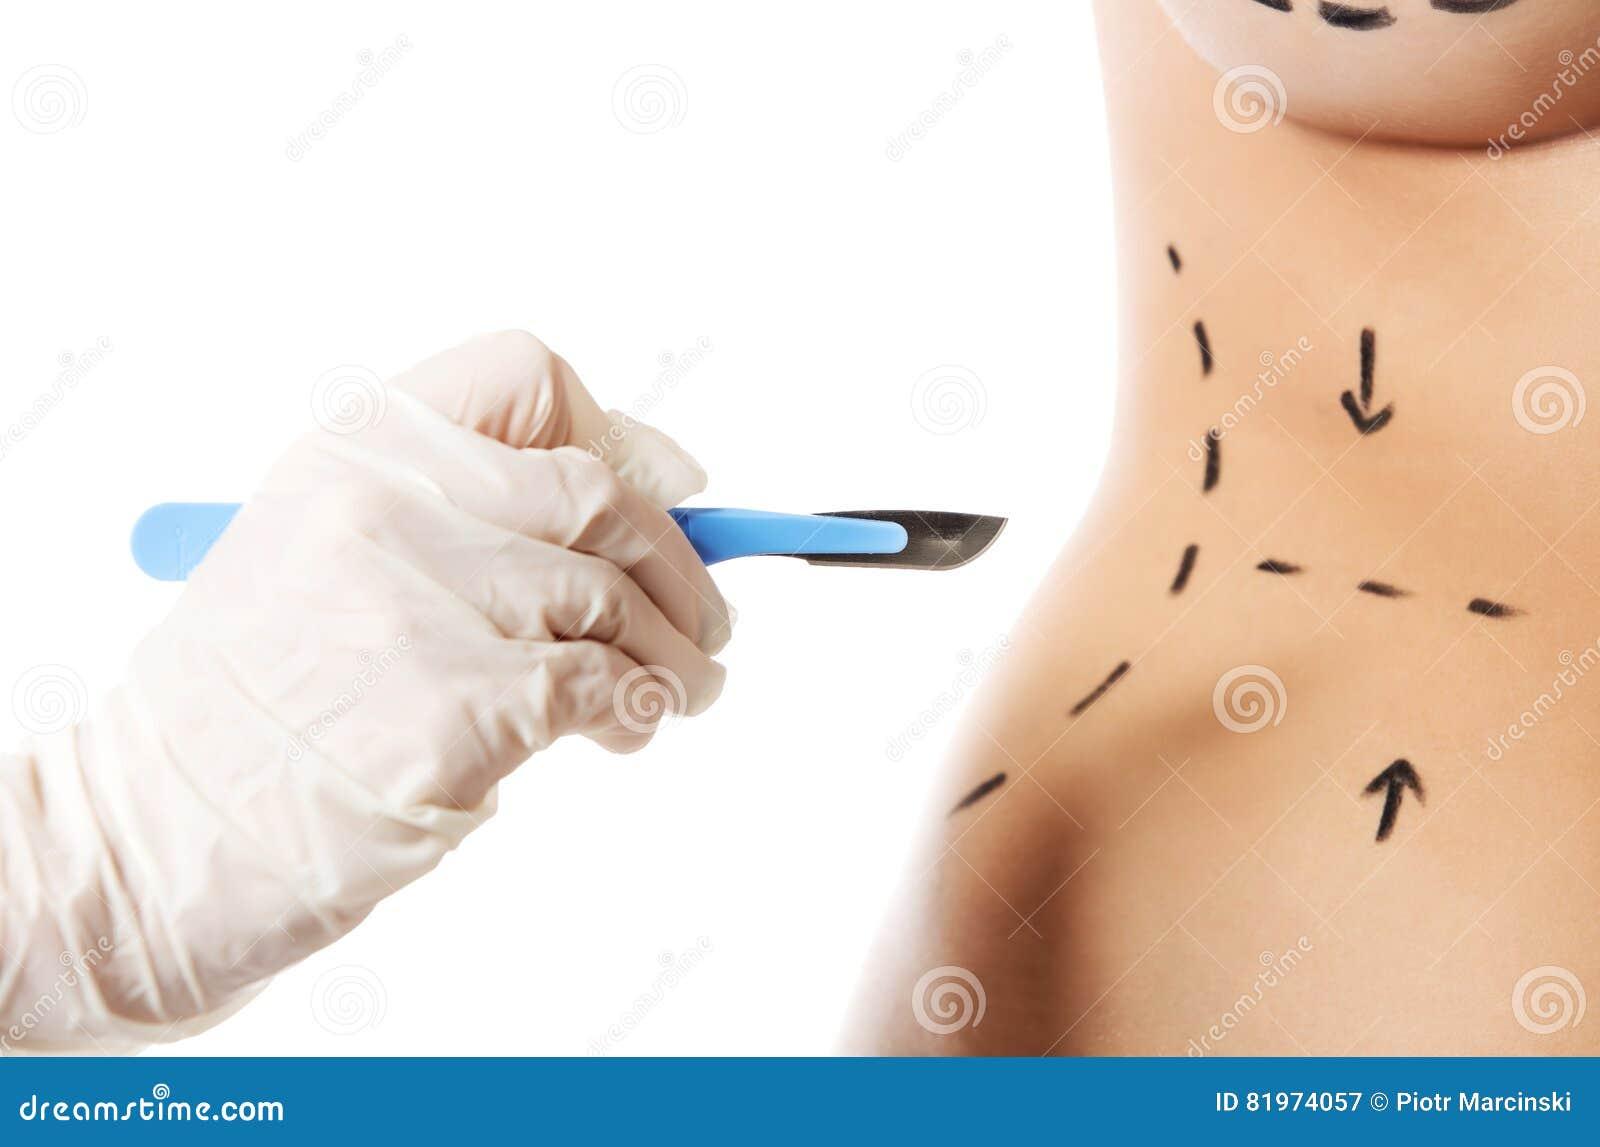 Frauenkörper heraus markiert für Schönheitschirurgie